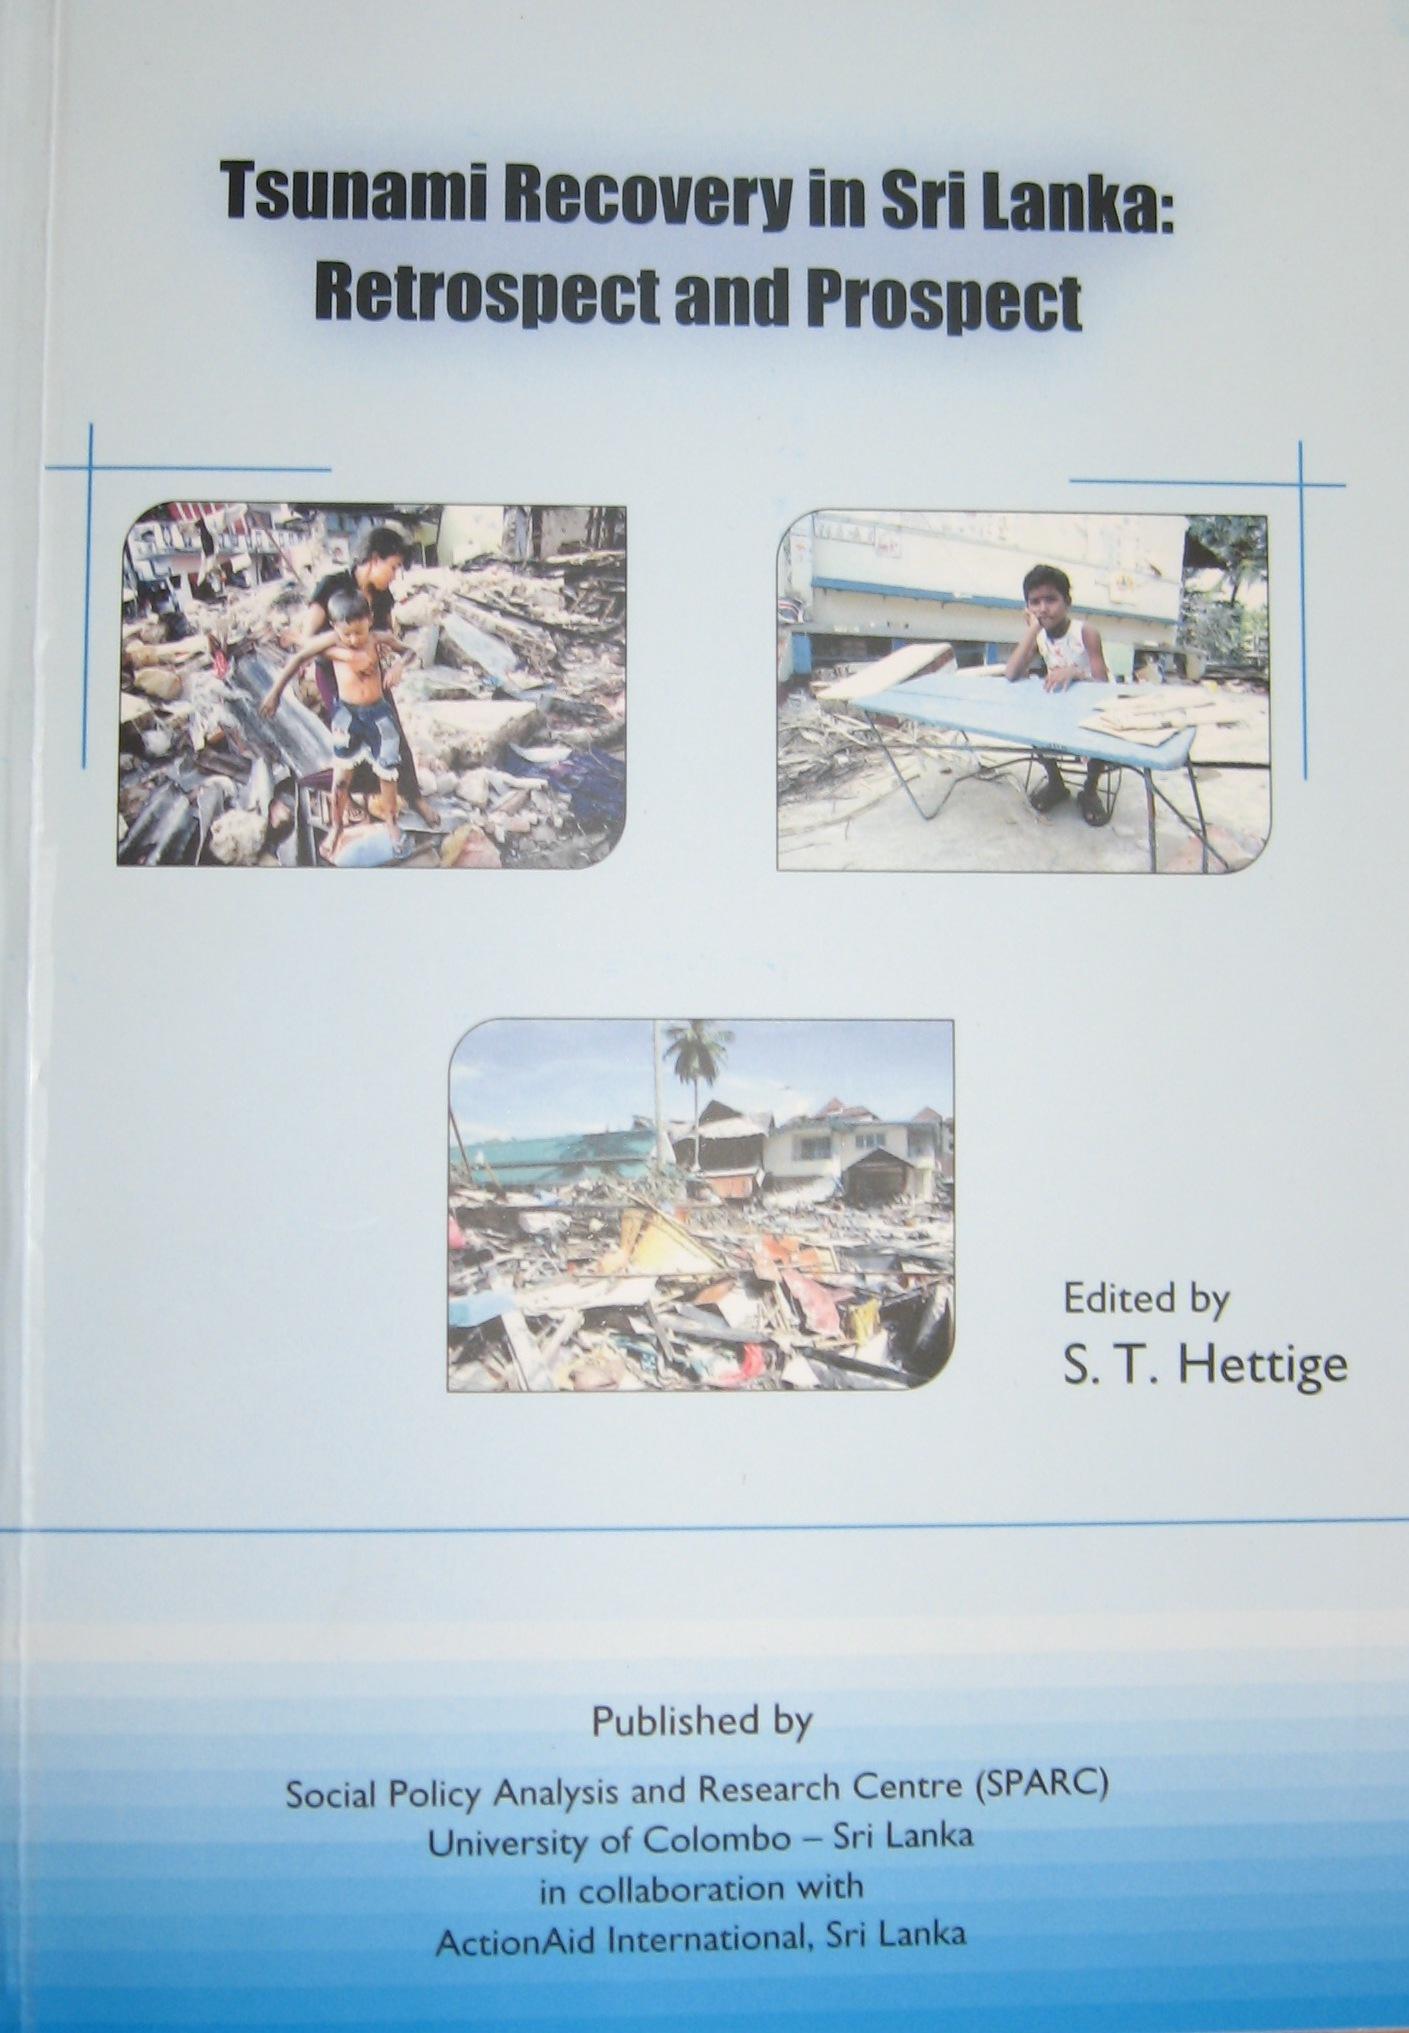 Tsunami Recovery in SL